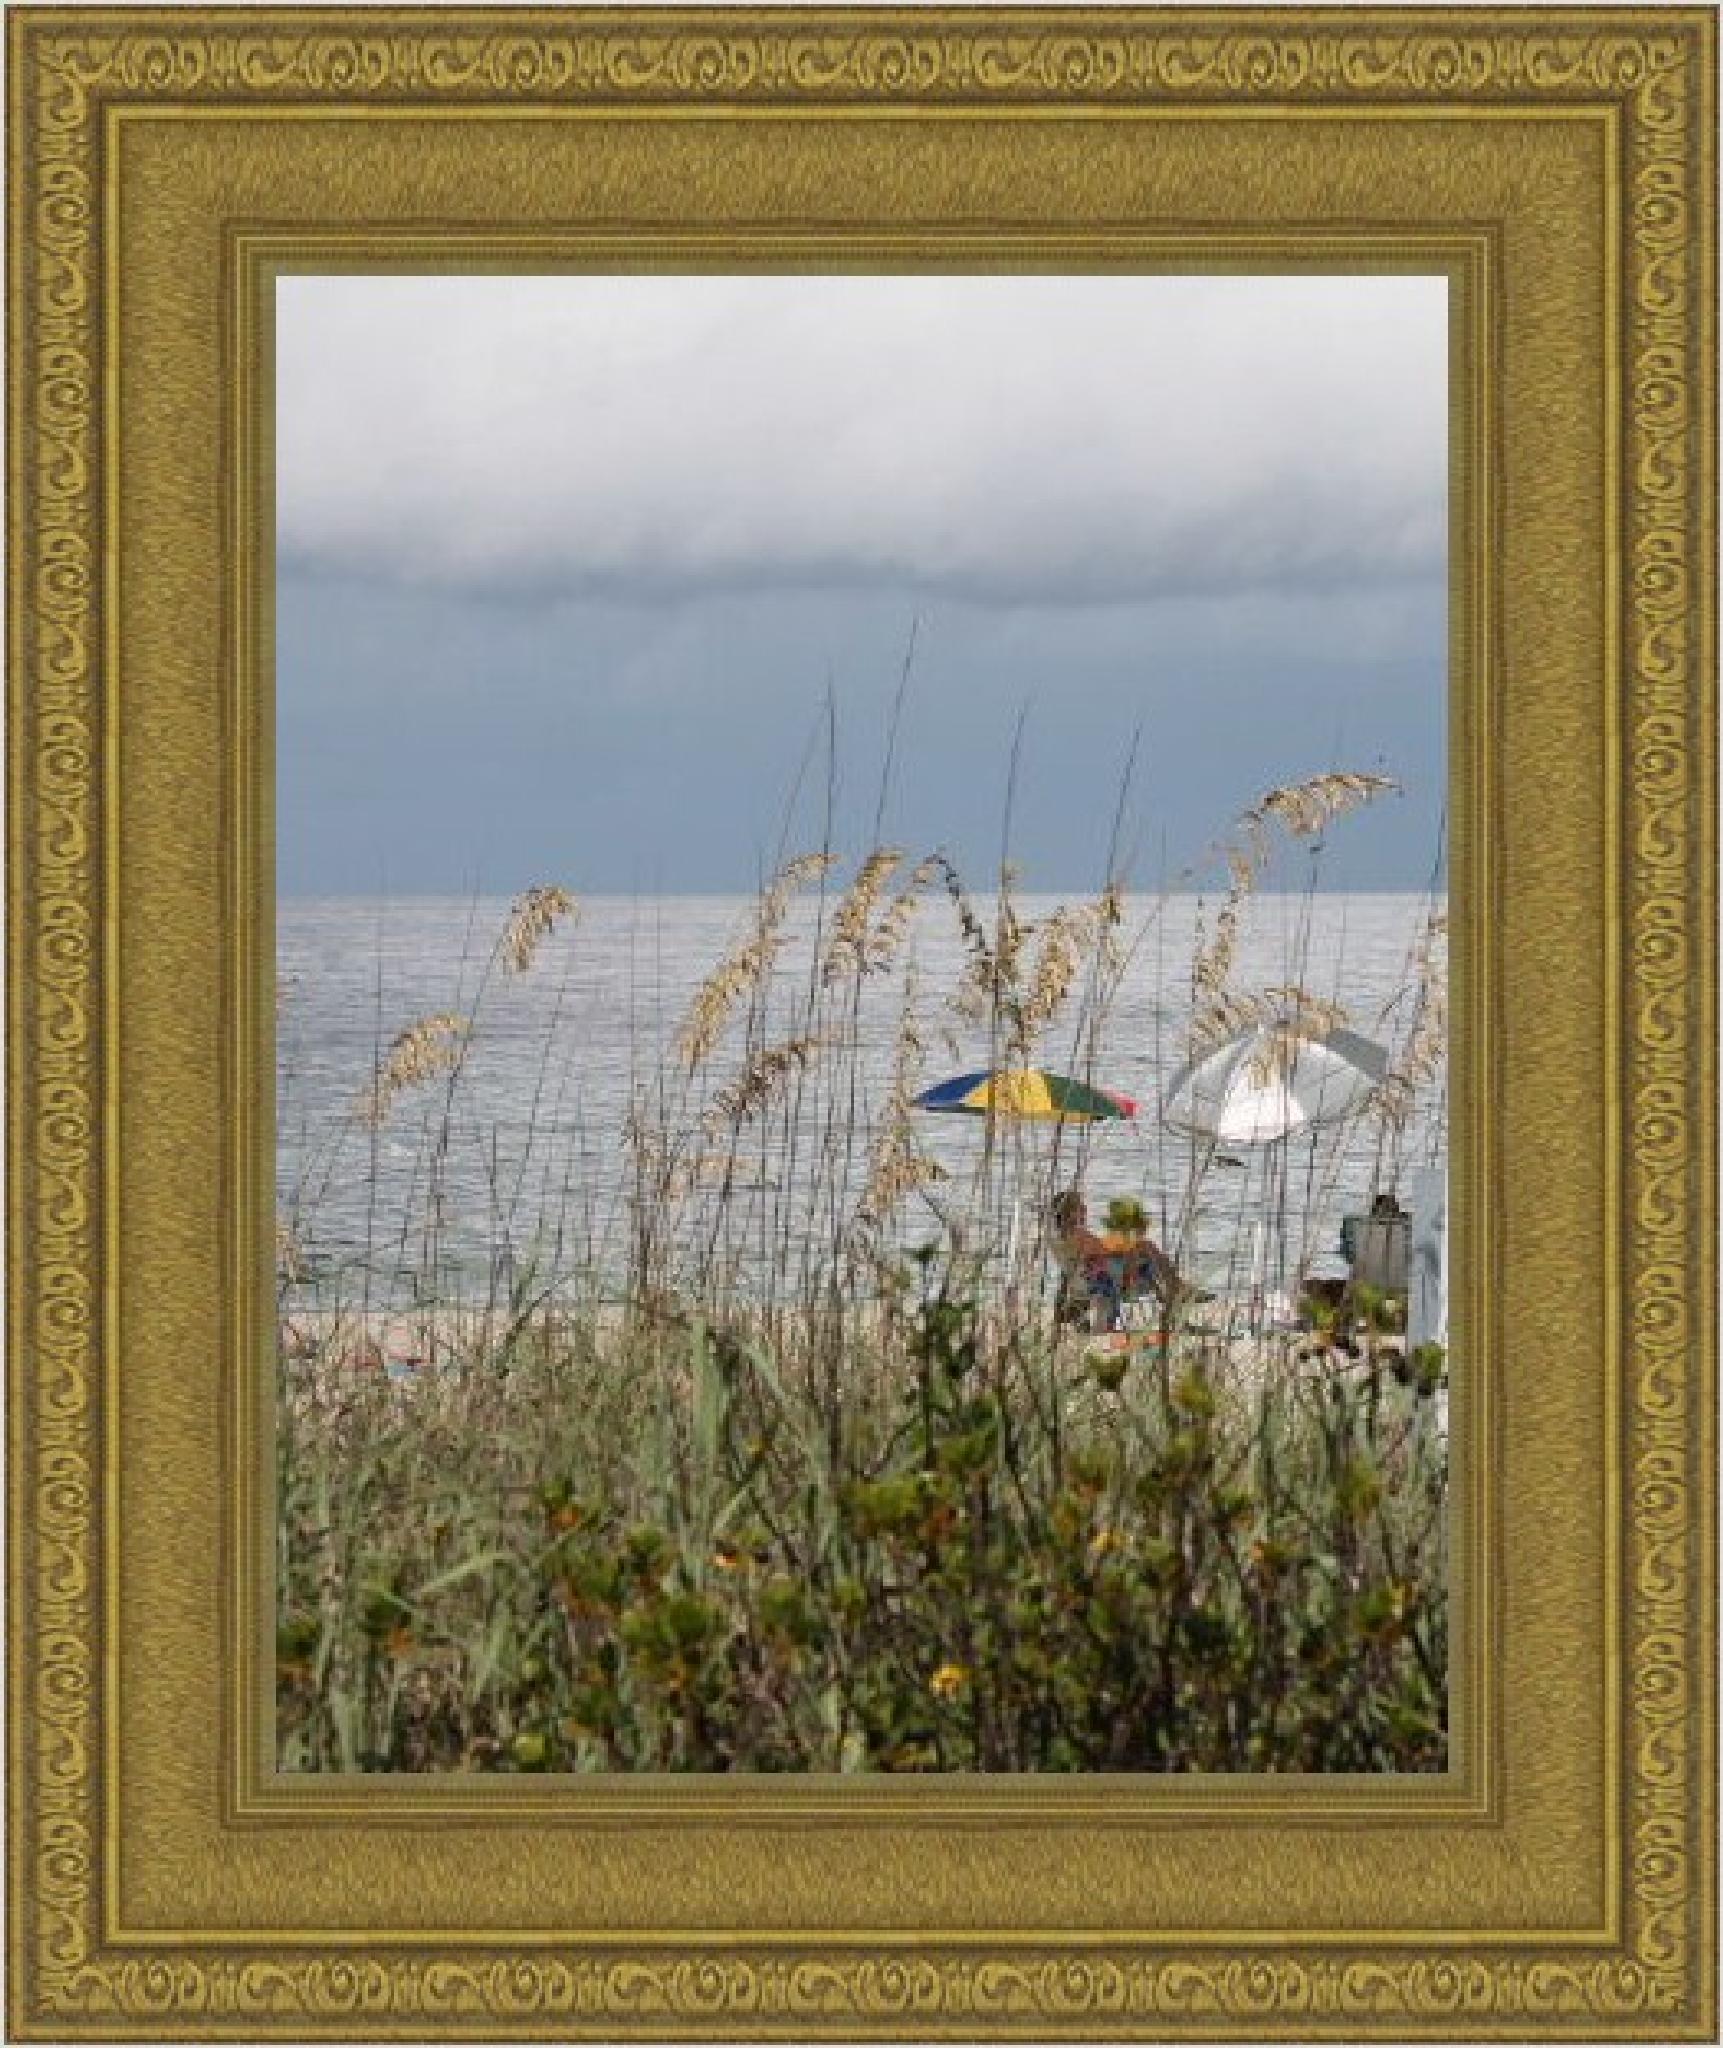 Venice, Florida  by JUDITH HORN